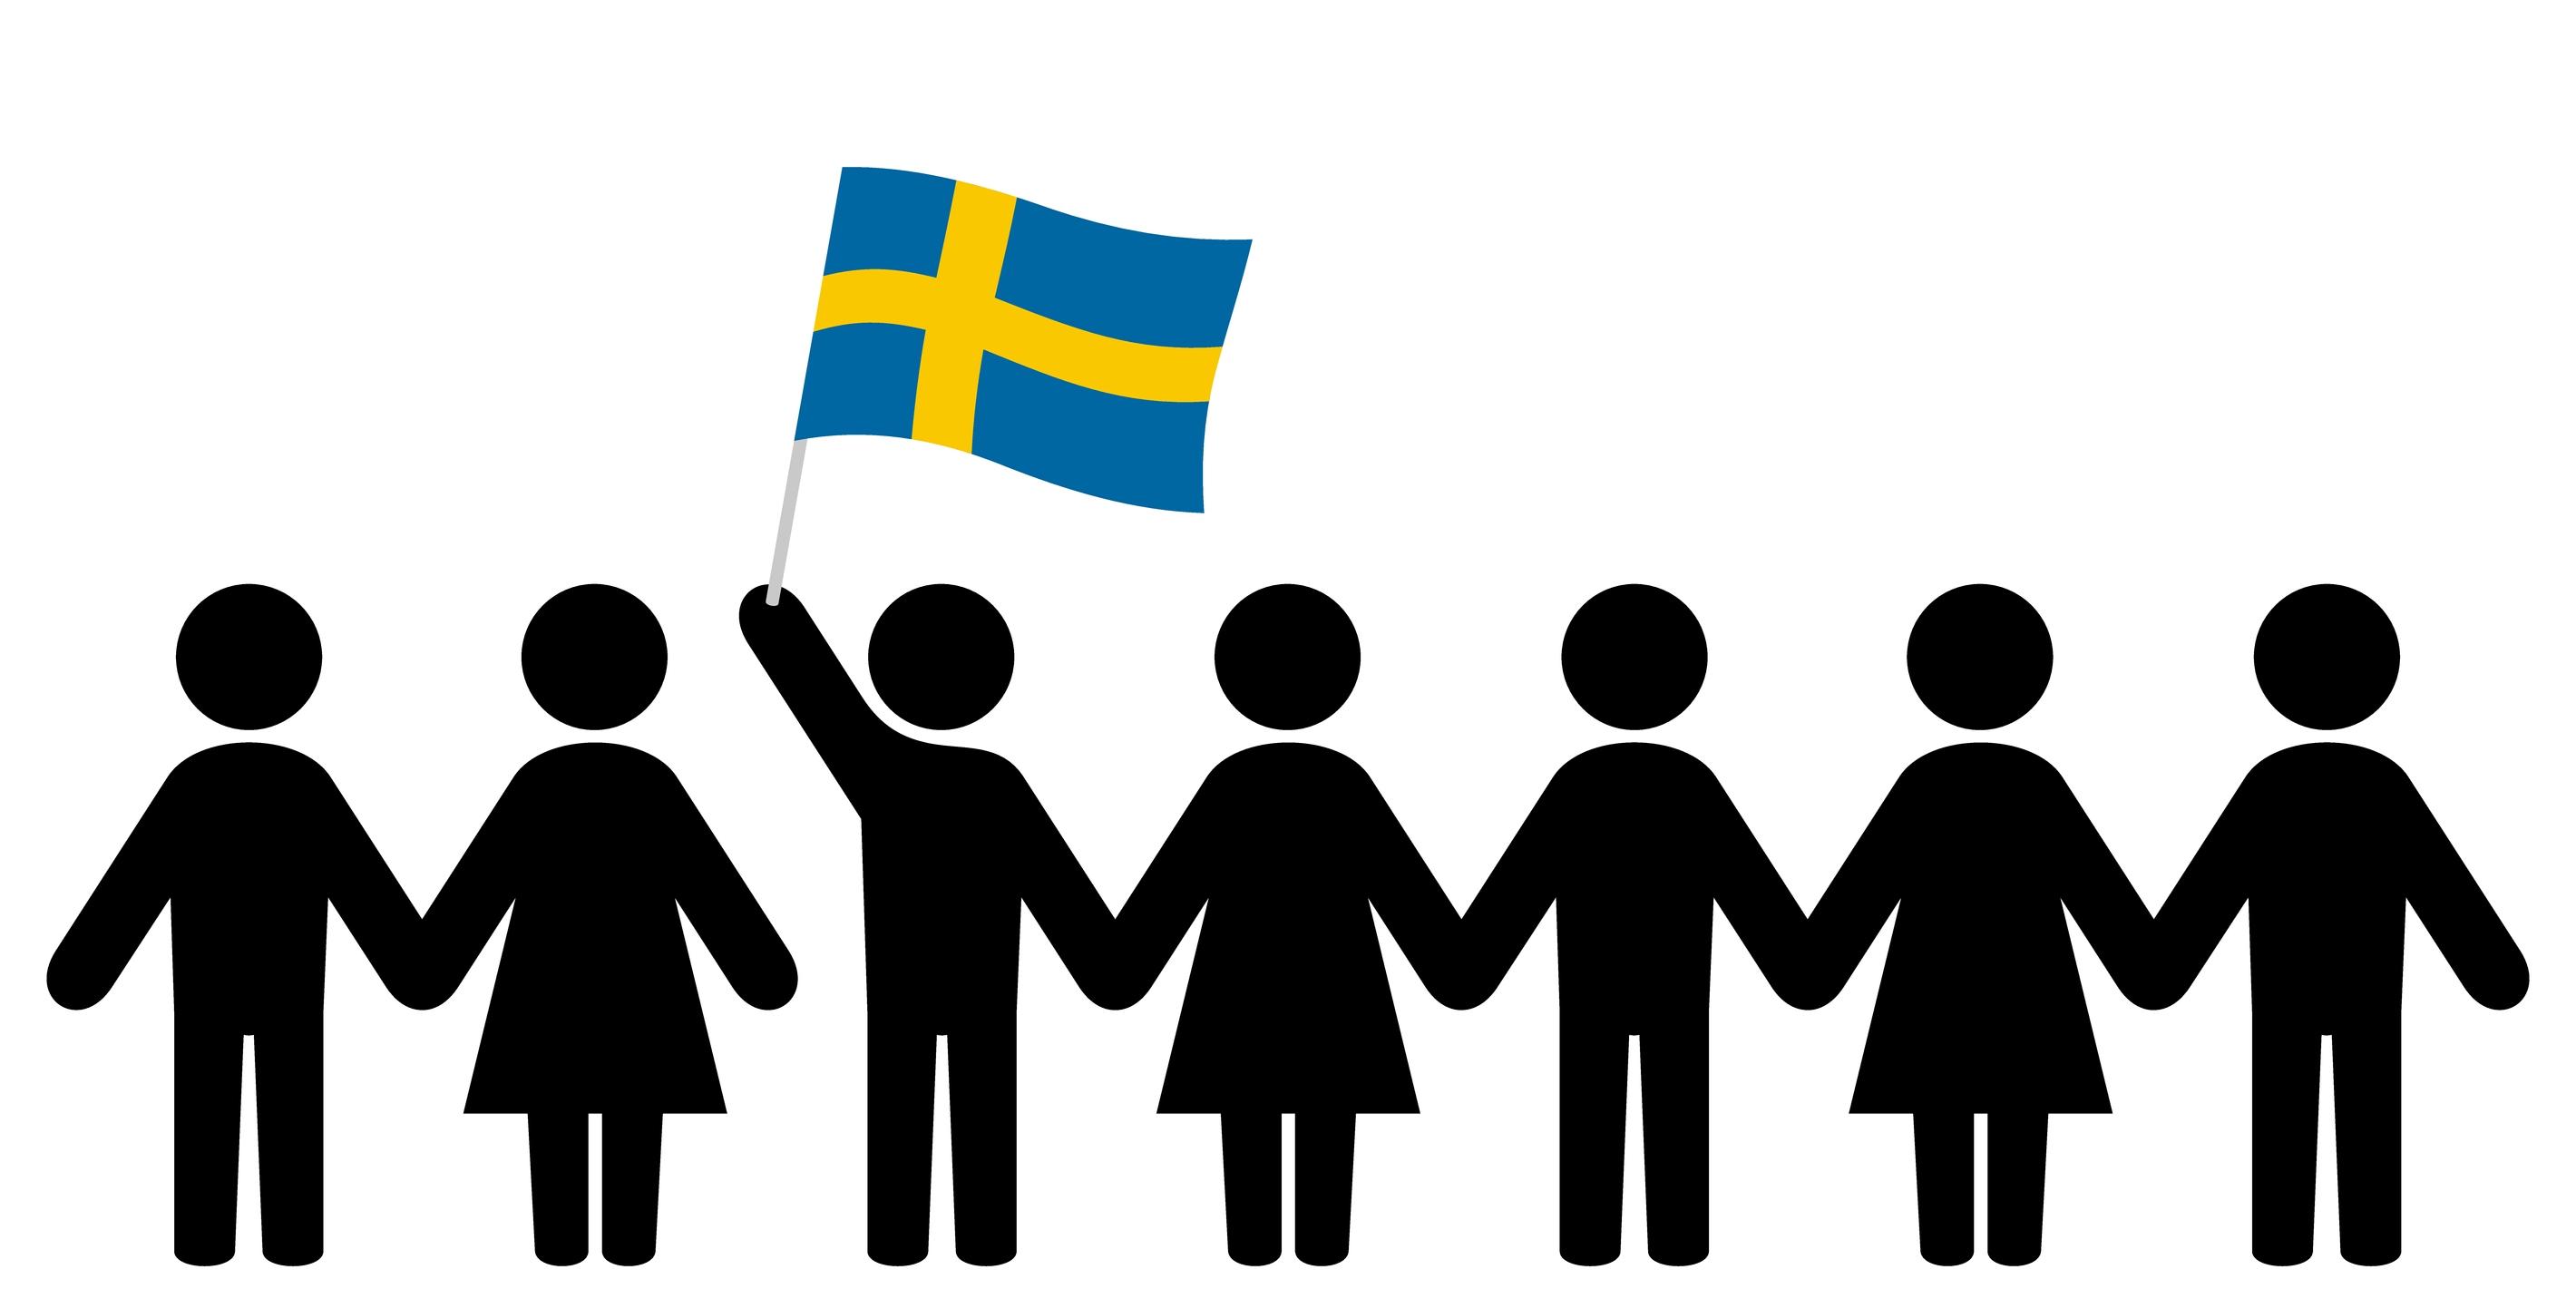 nieuwe-documentaire-onderzoekt-de-geschiedenis-van-de-grote-vervanging-en-massa-immigratie-in-zweden,-door-eric-striker